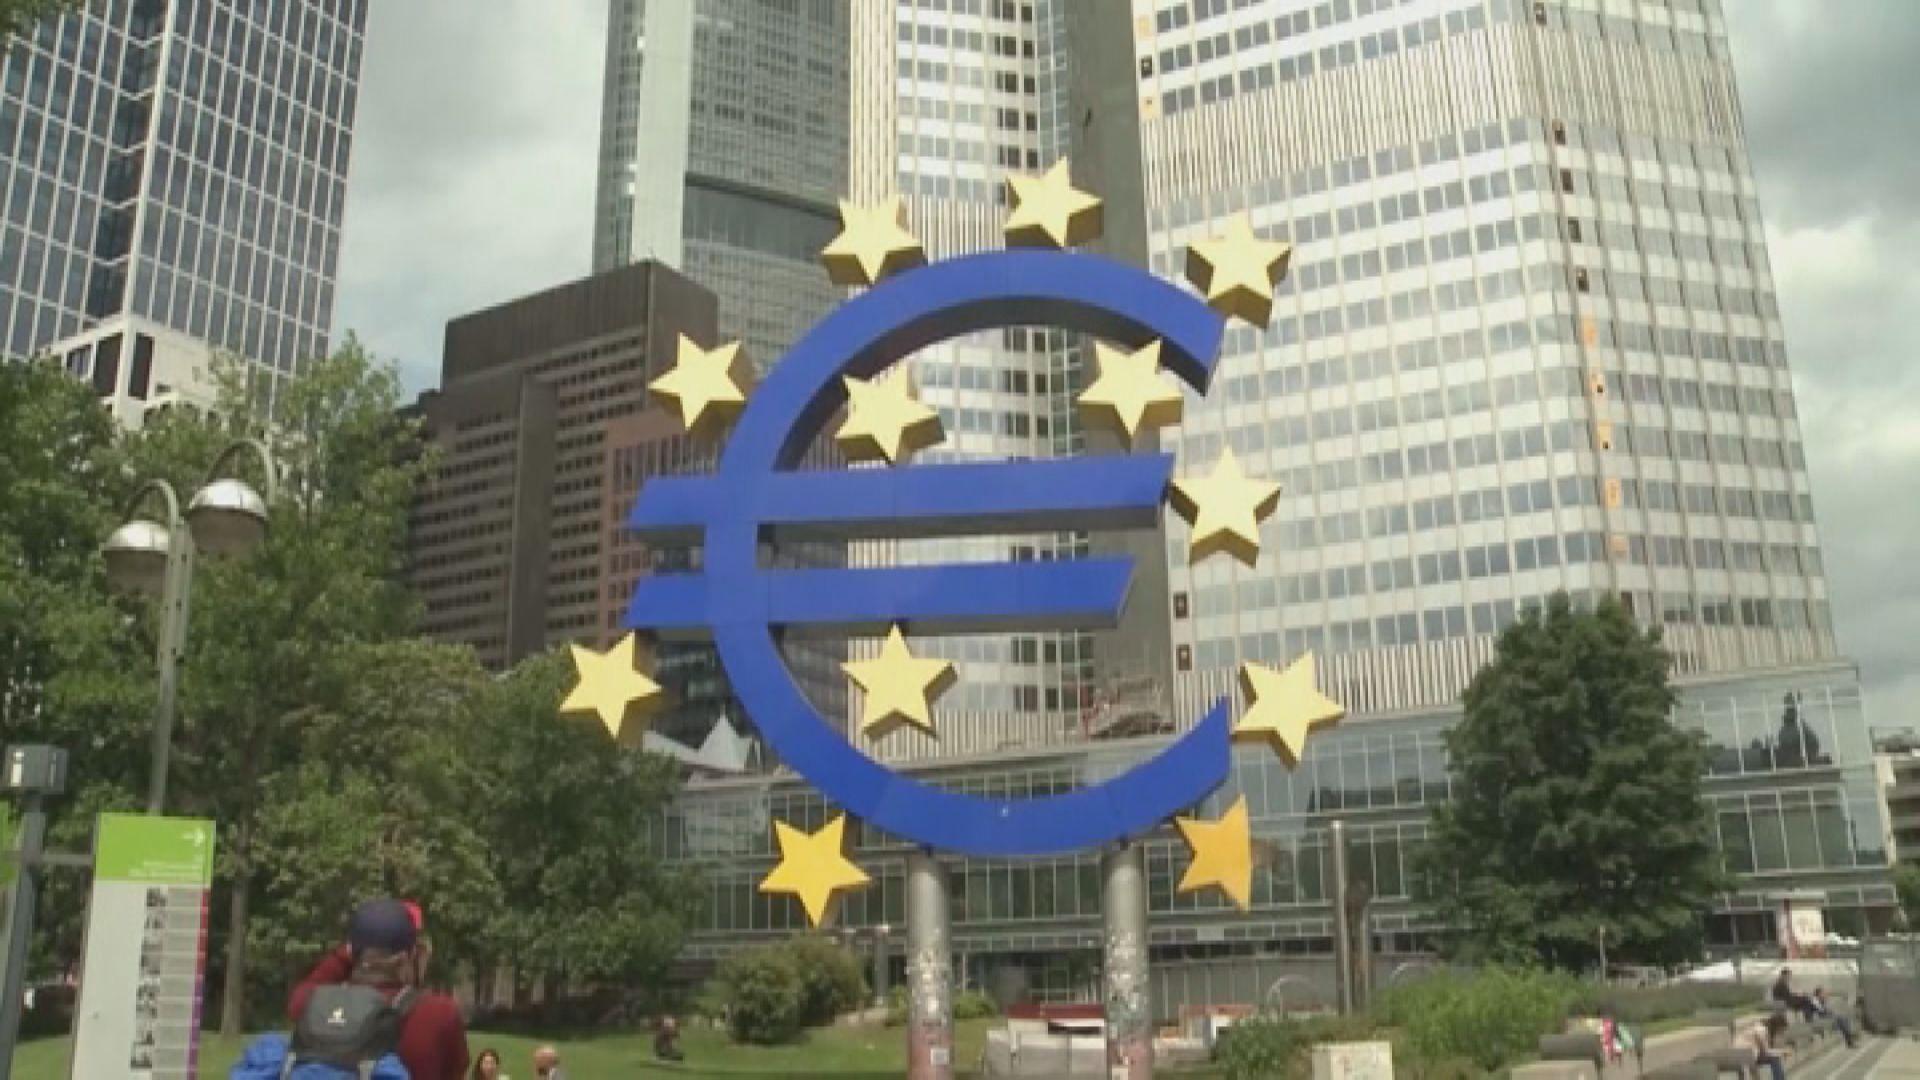 歐洲央行:歐元區面臨嚴重經濟衰退並就債務風險發出警告